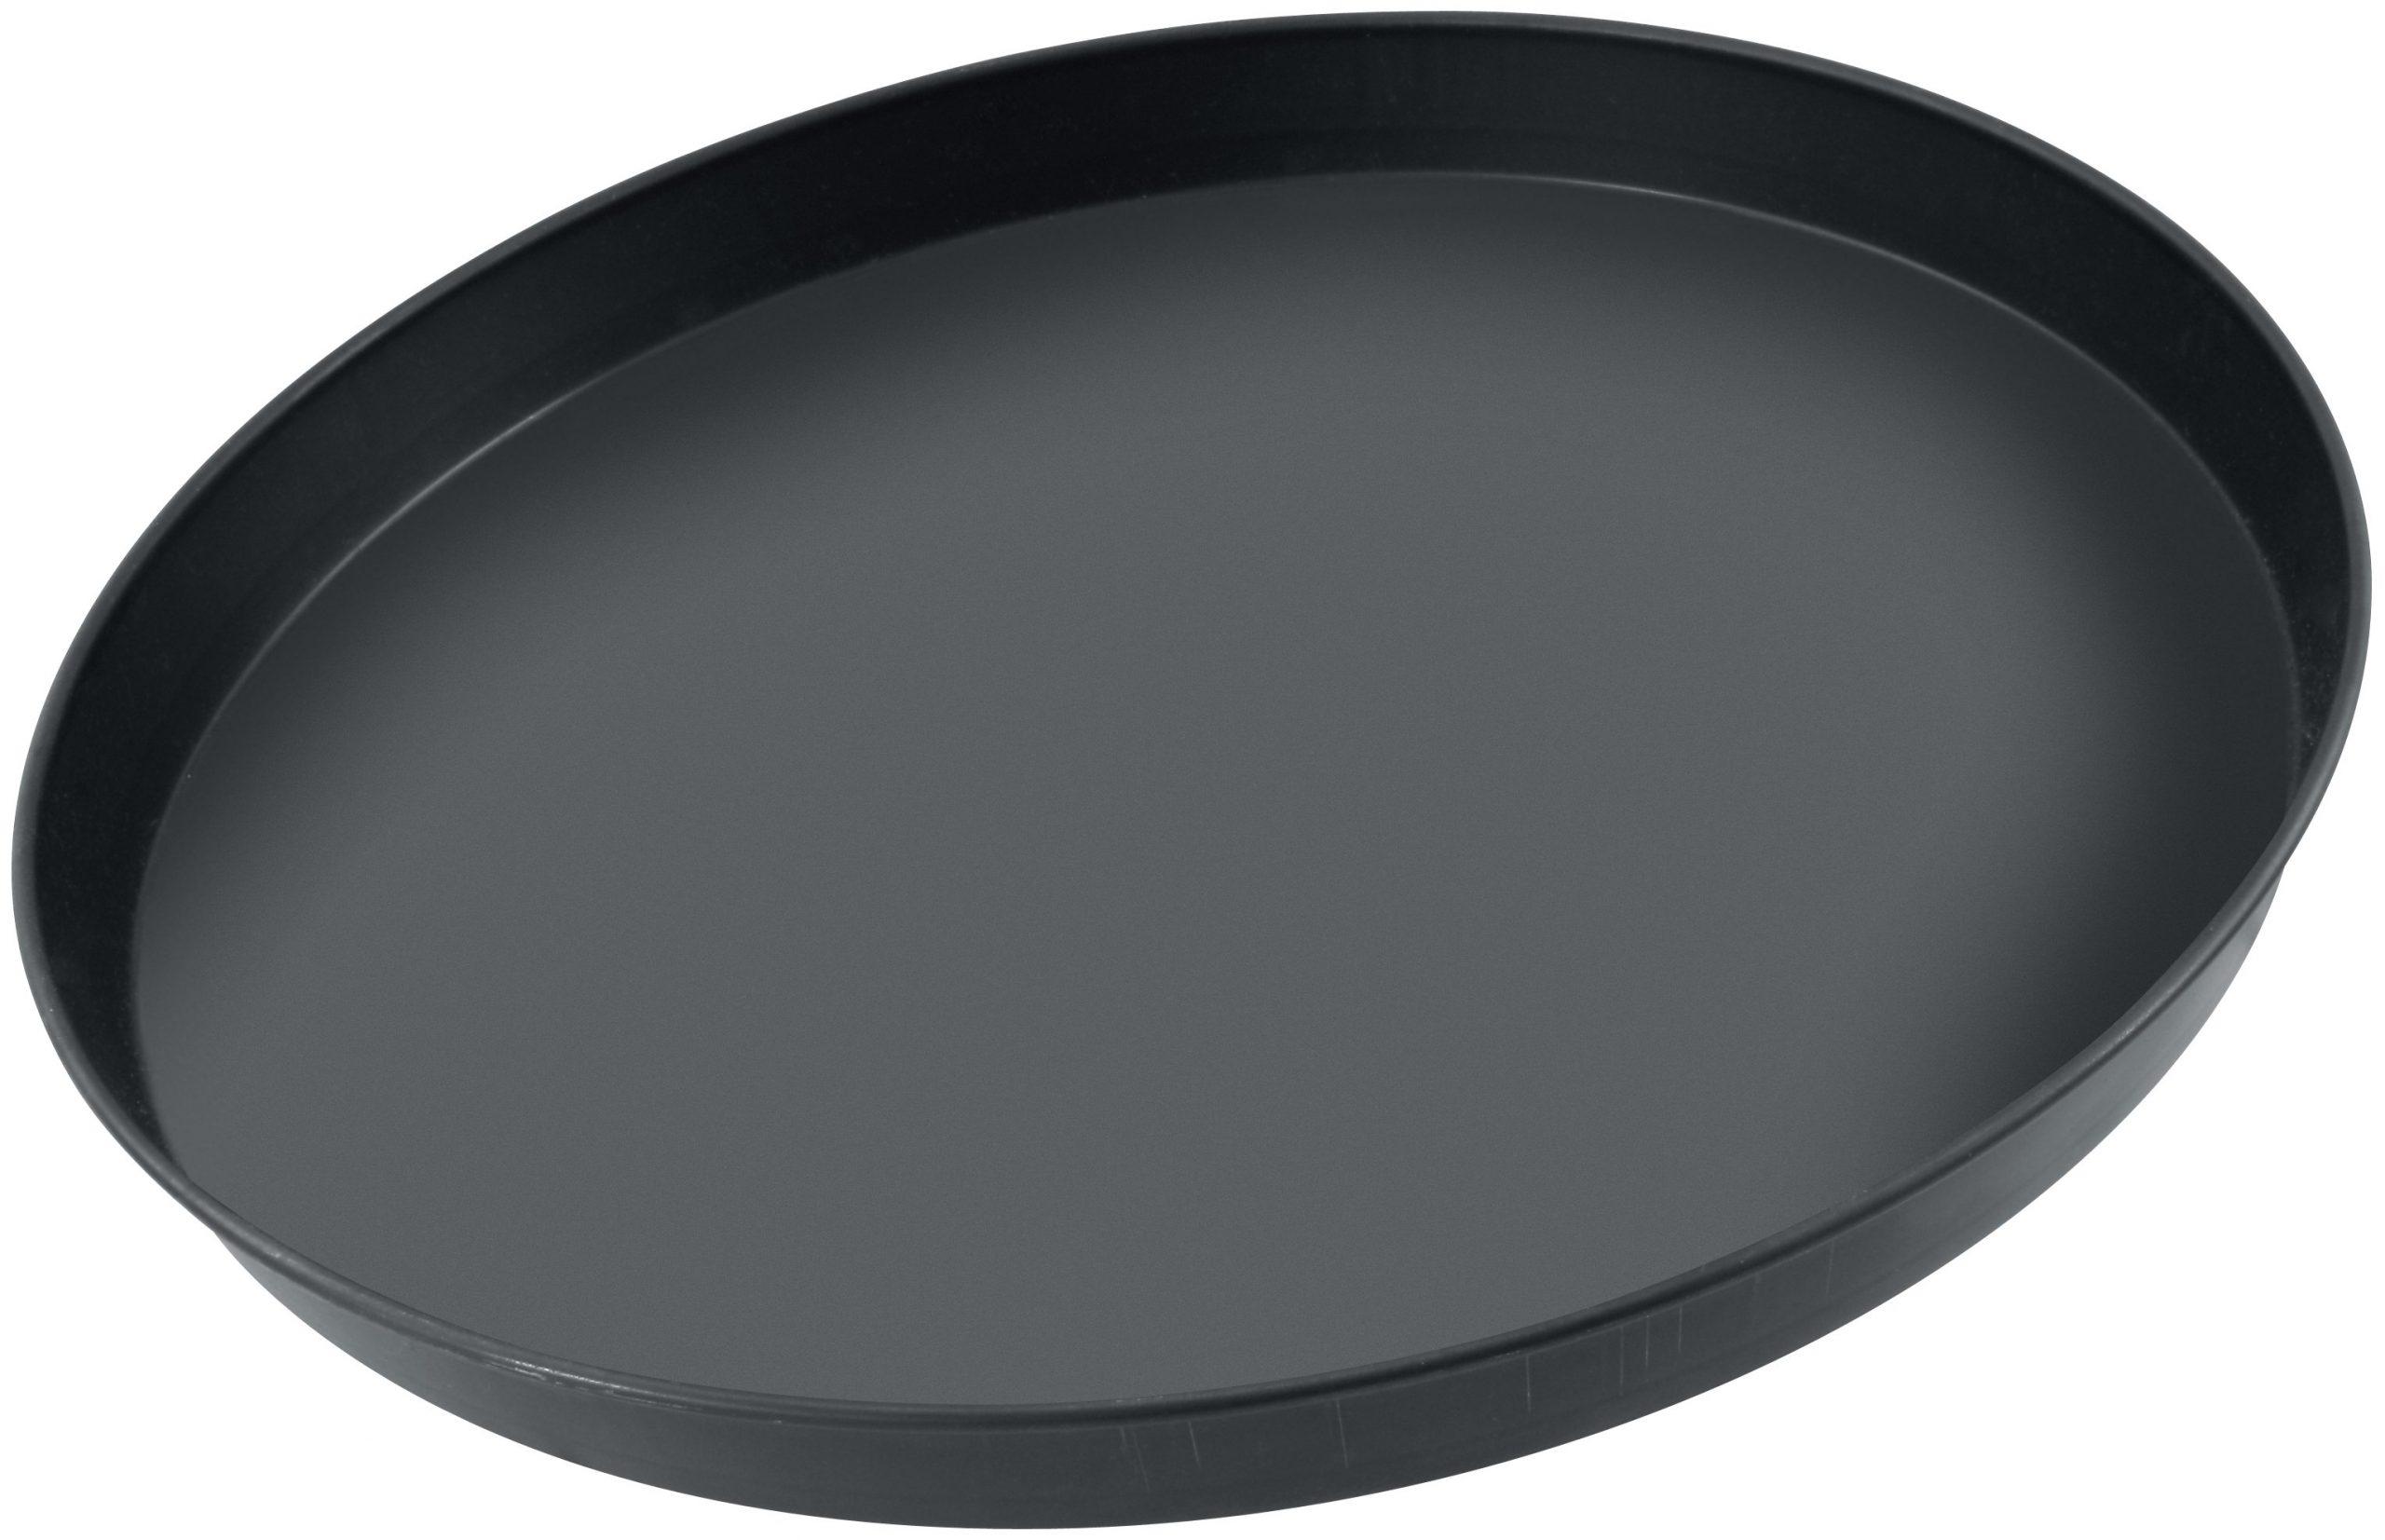 PizzaBlaublech Ø28cm hoch lose VE10